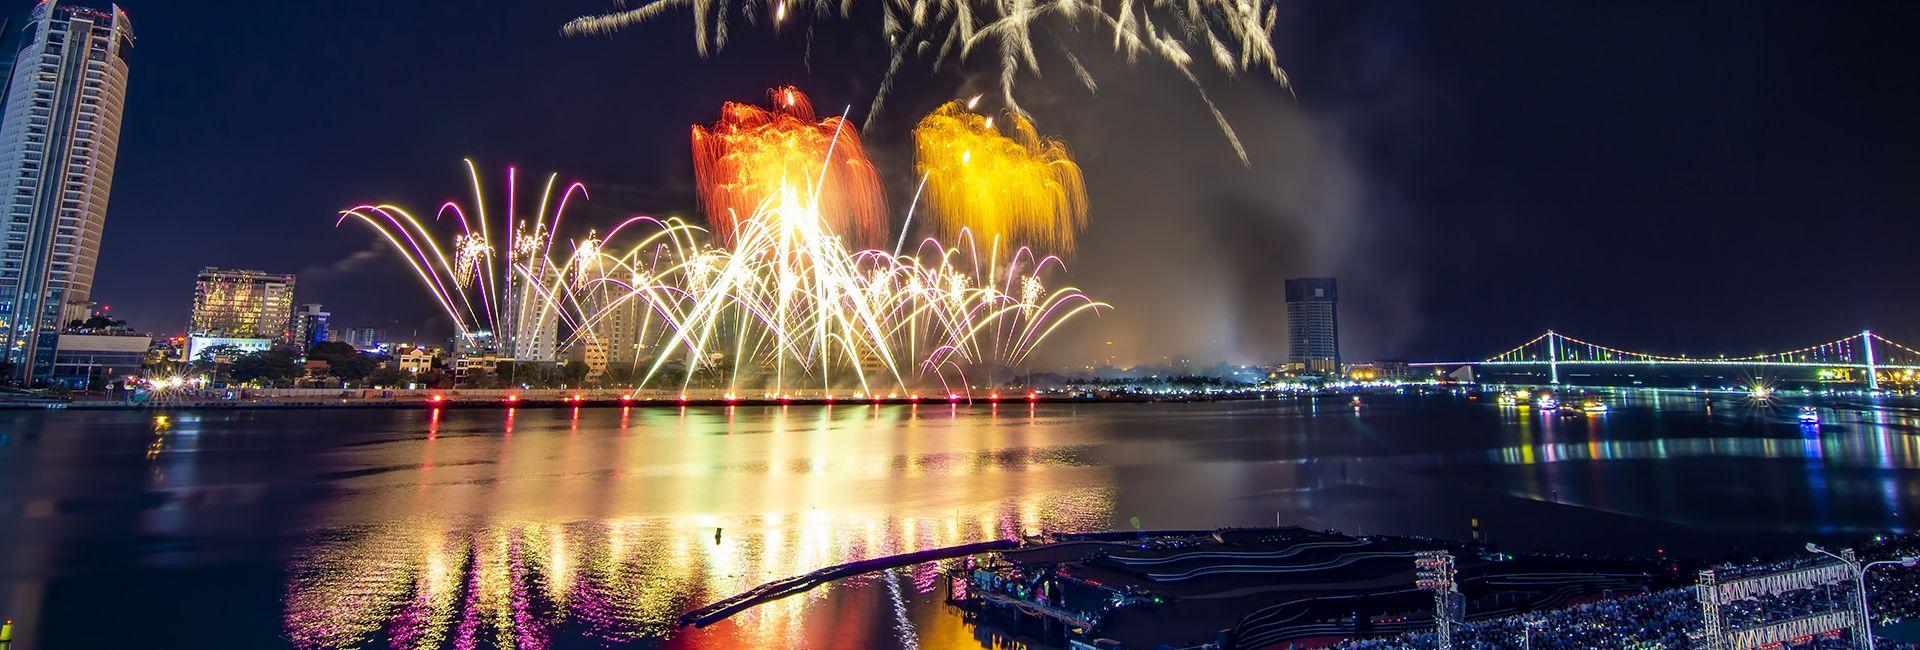 Top 7 văn hóa lễ hội hấp dẫn khi đến Đà Nẵng